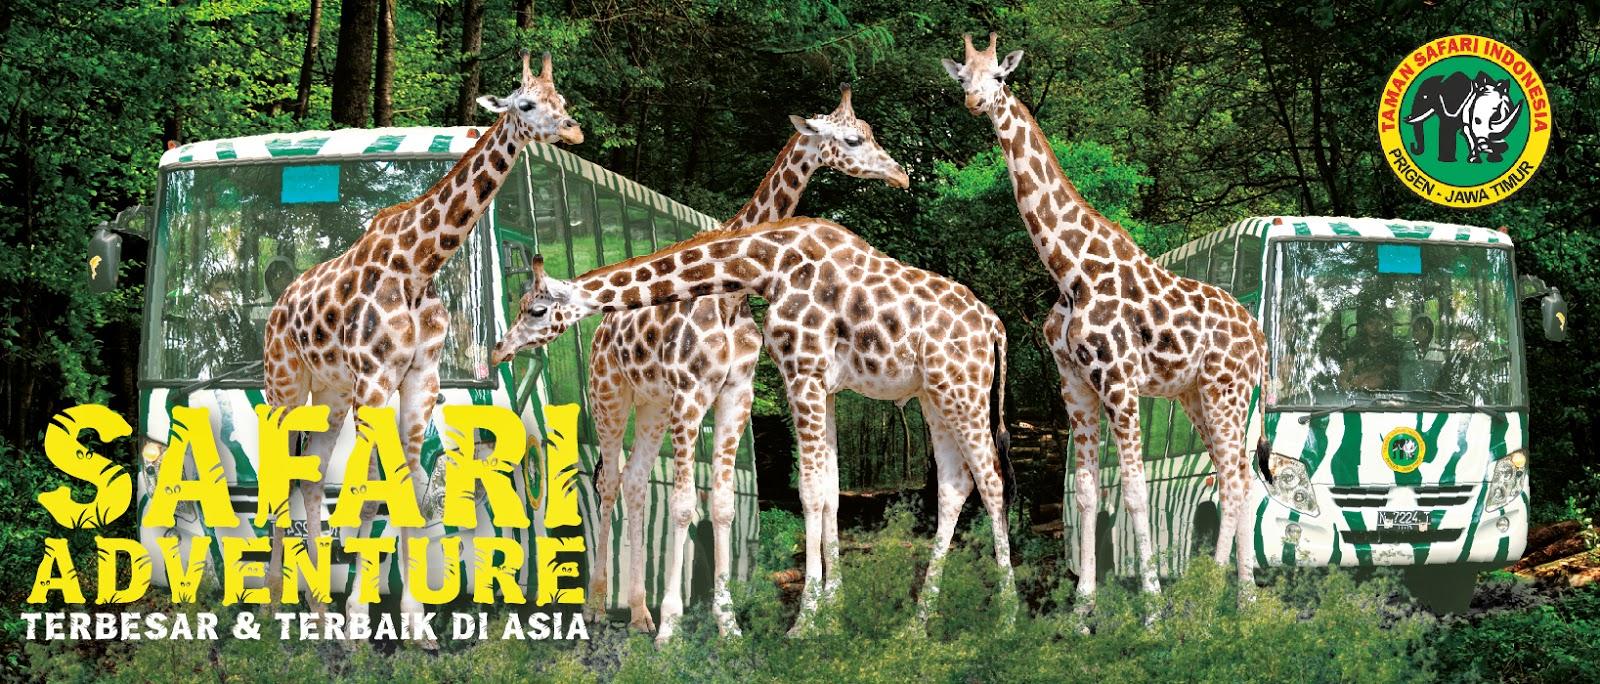 Paket Wisata Bromo Taman Safari Indonesia 2